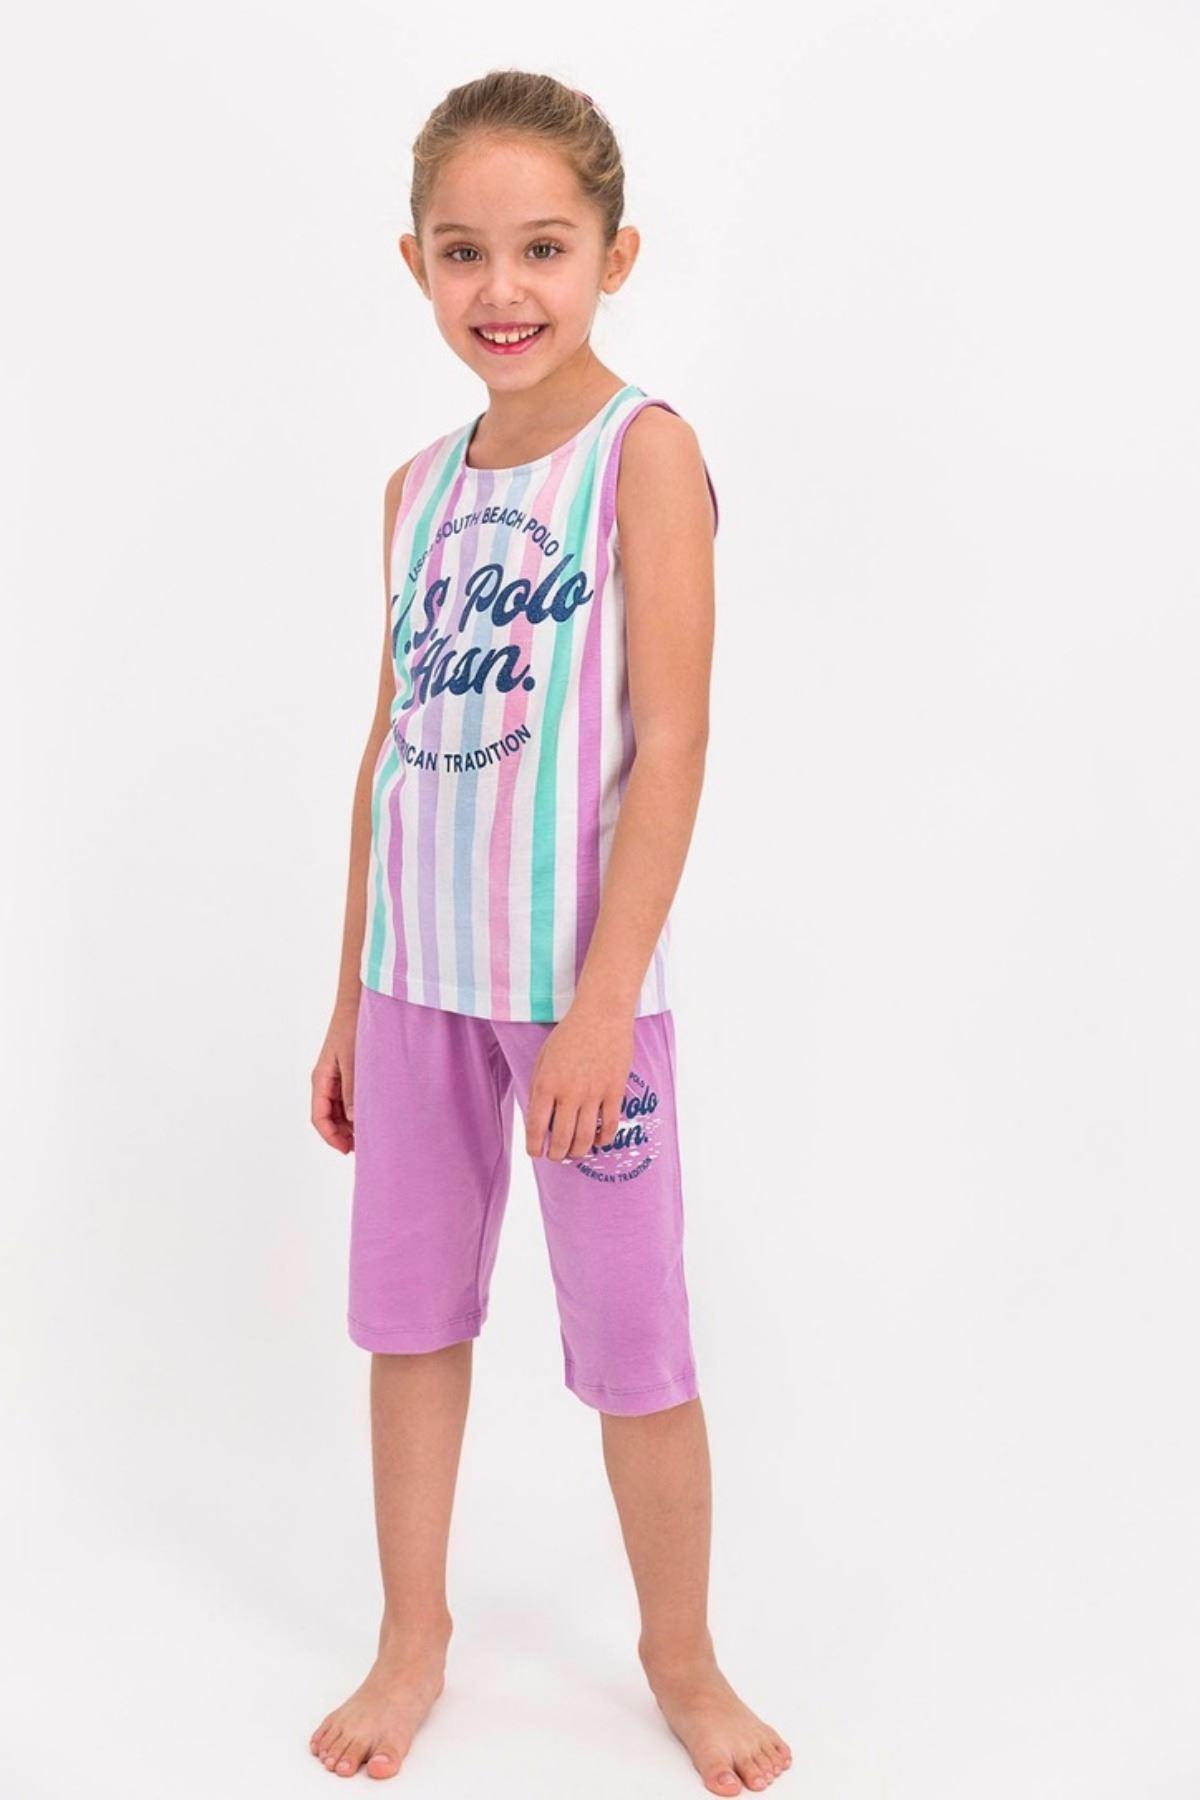 4-8 Yaş Us Polo ASSN Lisanslı Mor Şerit Kız Çocuk Takım